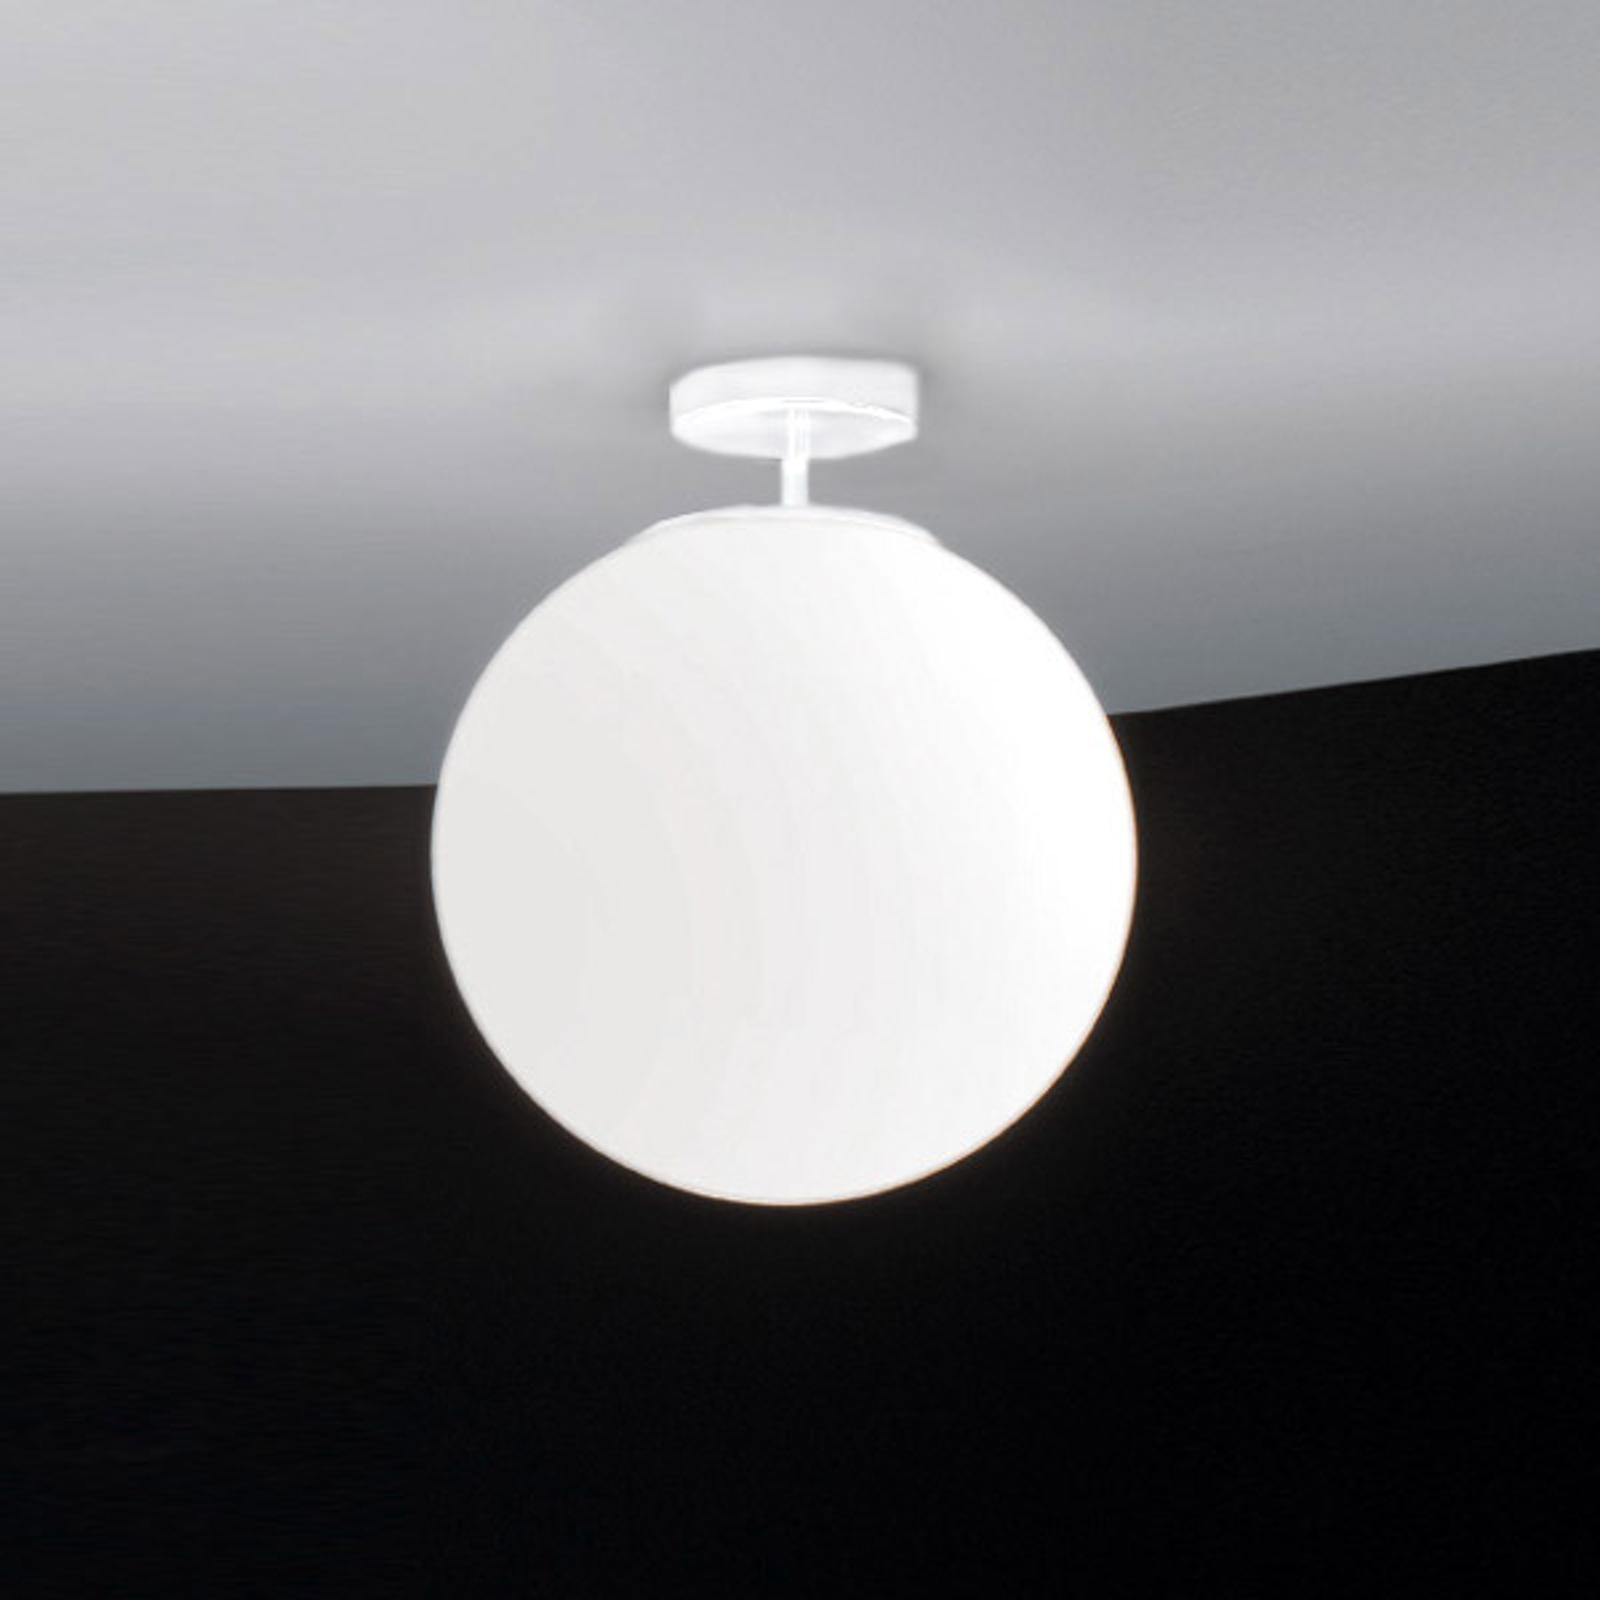 Szklana lampa sufitowa Sferis 30 cm biała